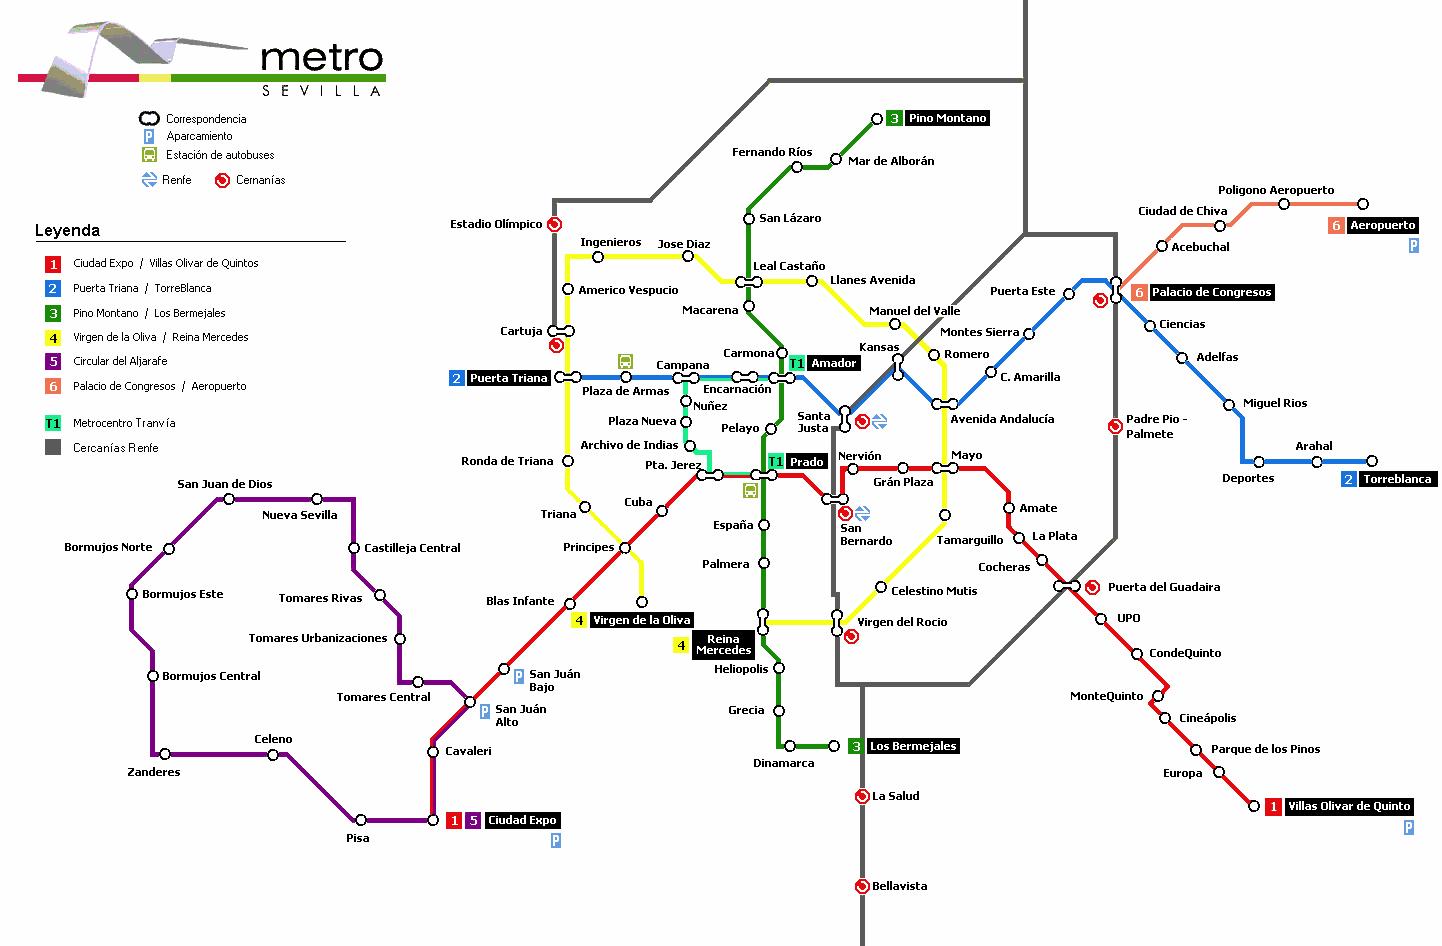 Mapa del futuro Metro de Sevilla